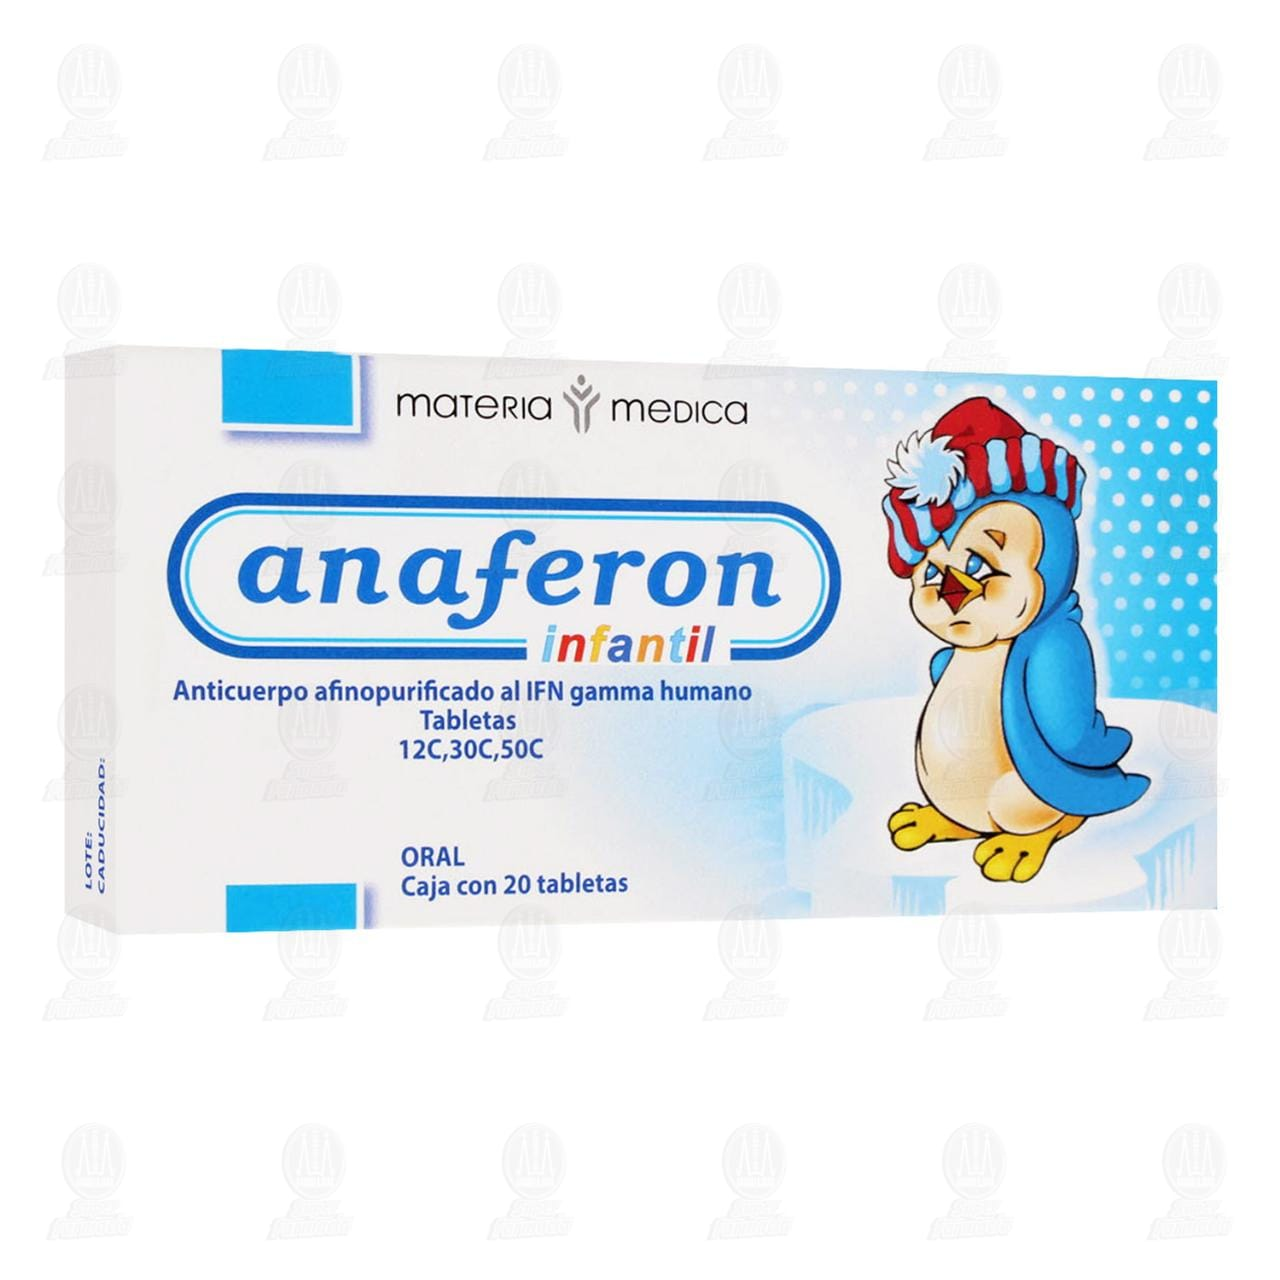 Comprar Anaferon Infantil 12C, 30C, 50C 20 Tabletas en Farmacias Guadalajara